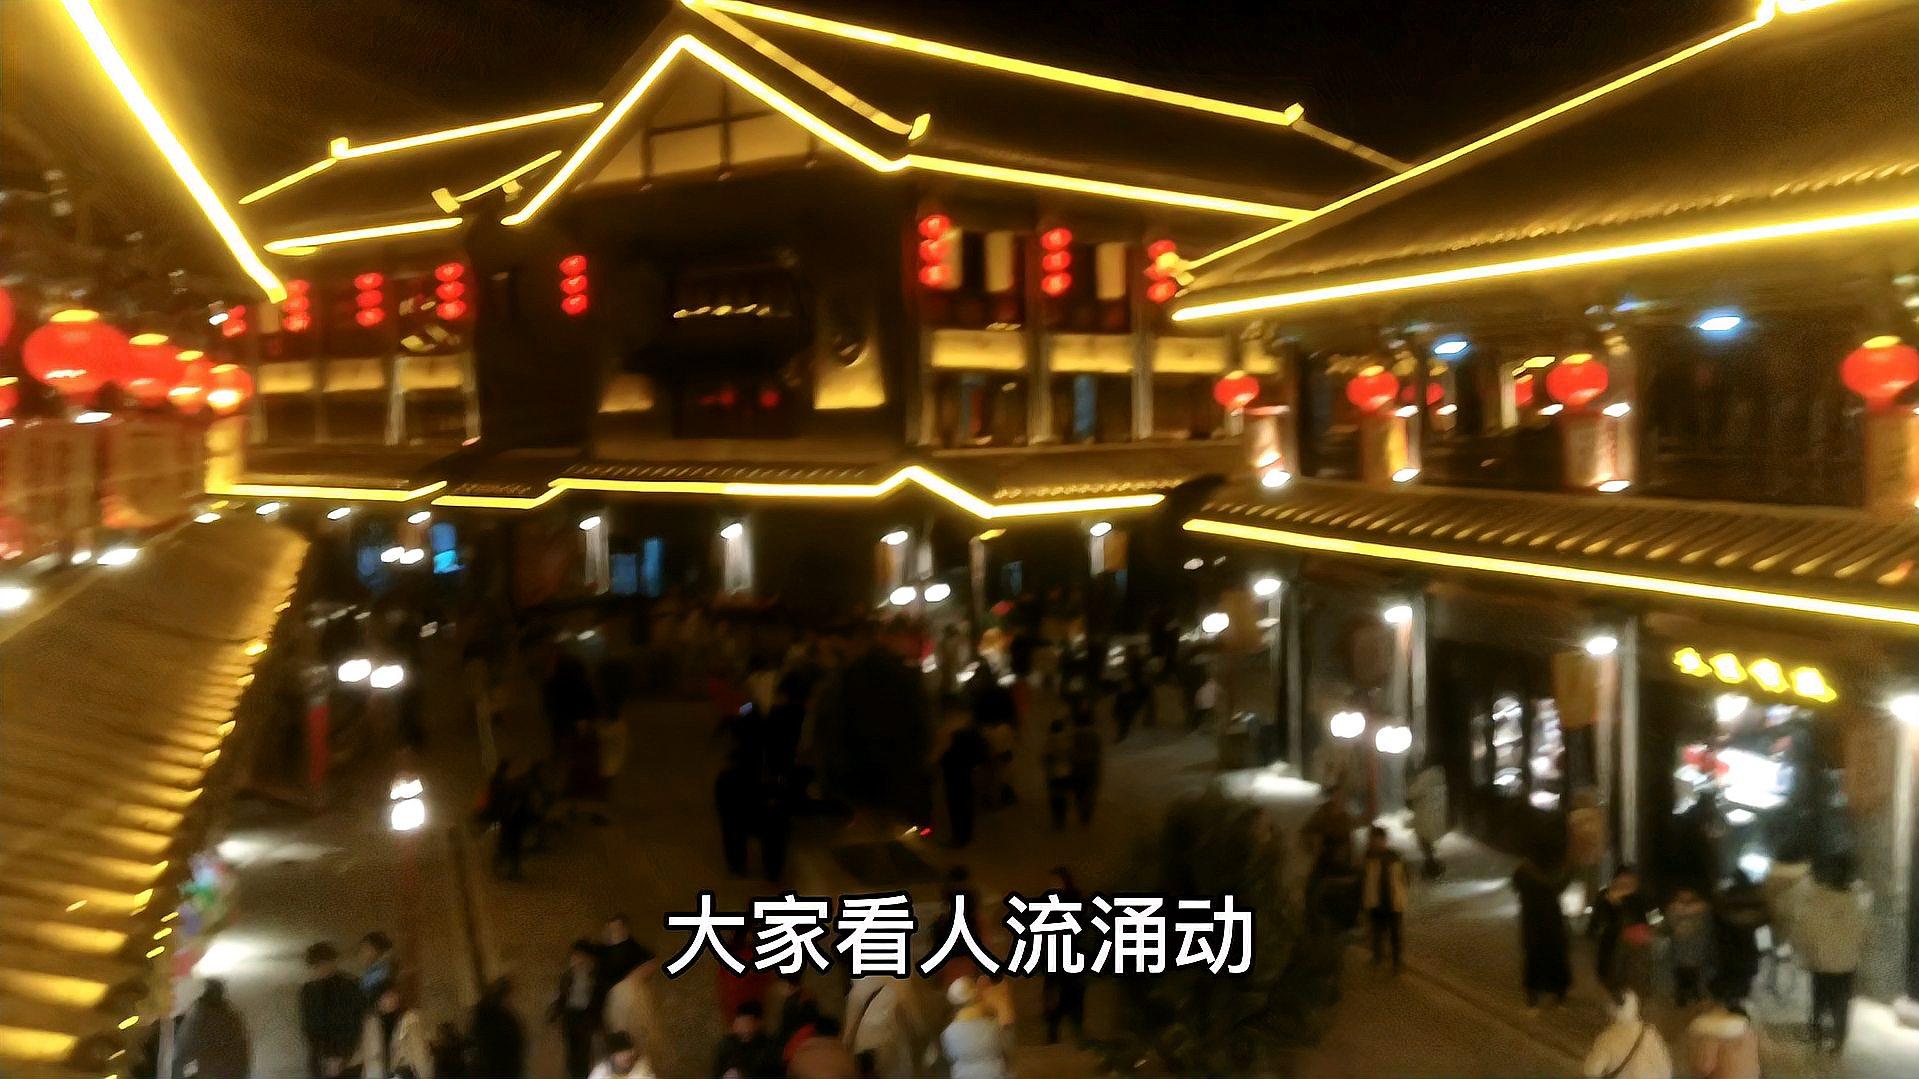 """江西赣州又一""""网红打卡地"""",安远西坝街,令人流连忘返!"""